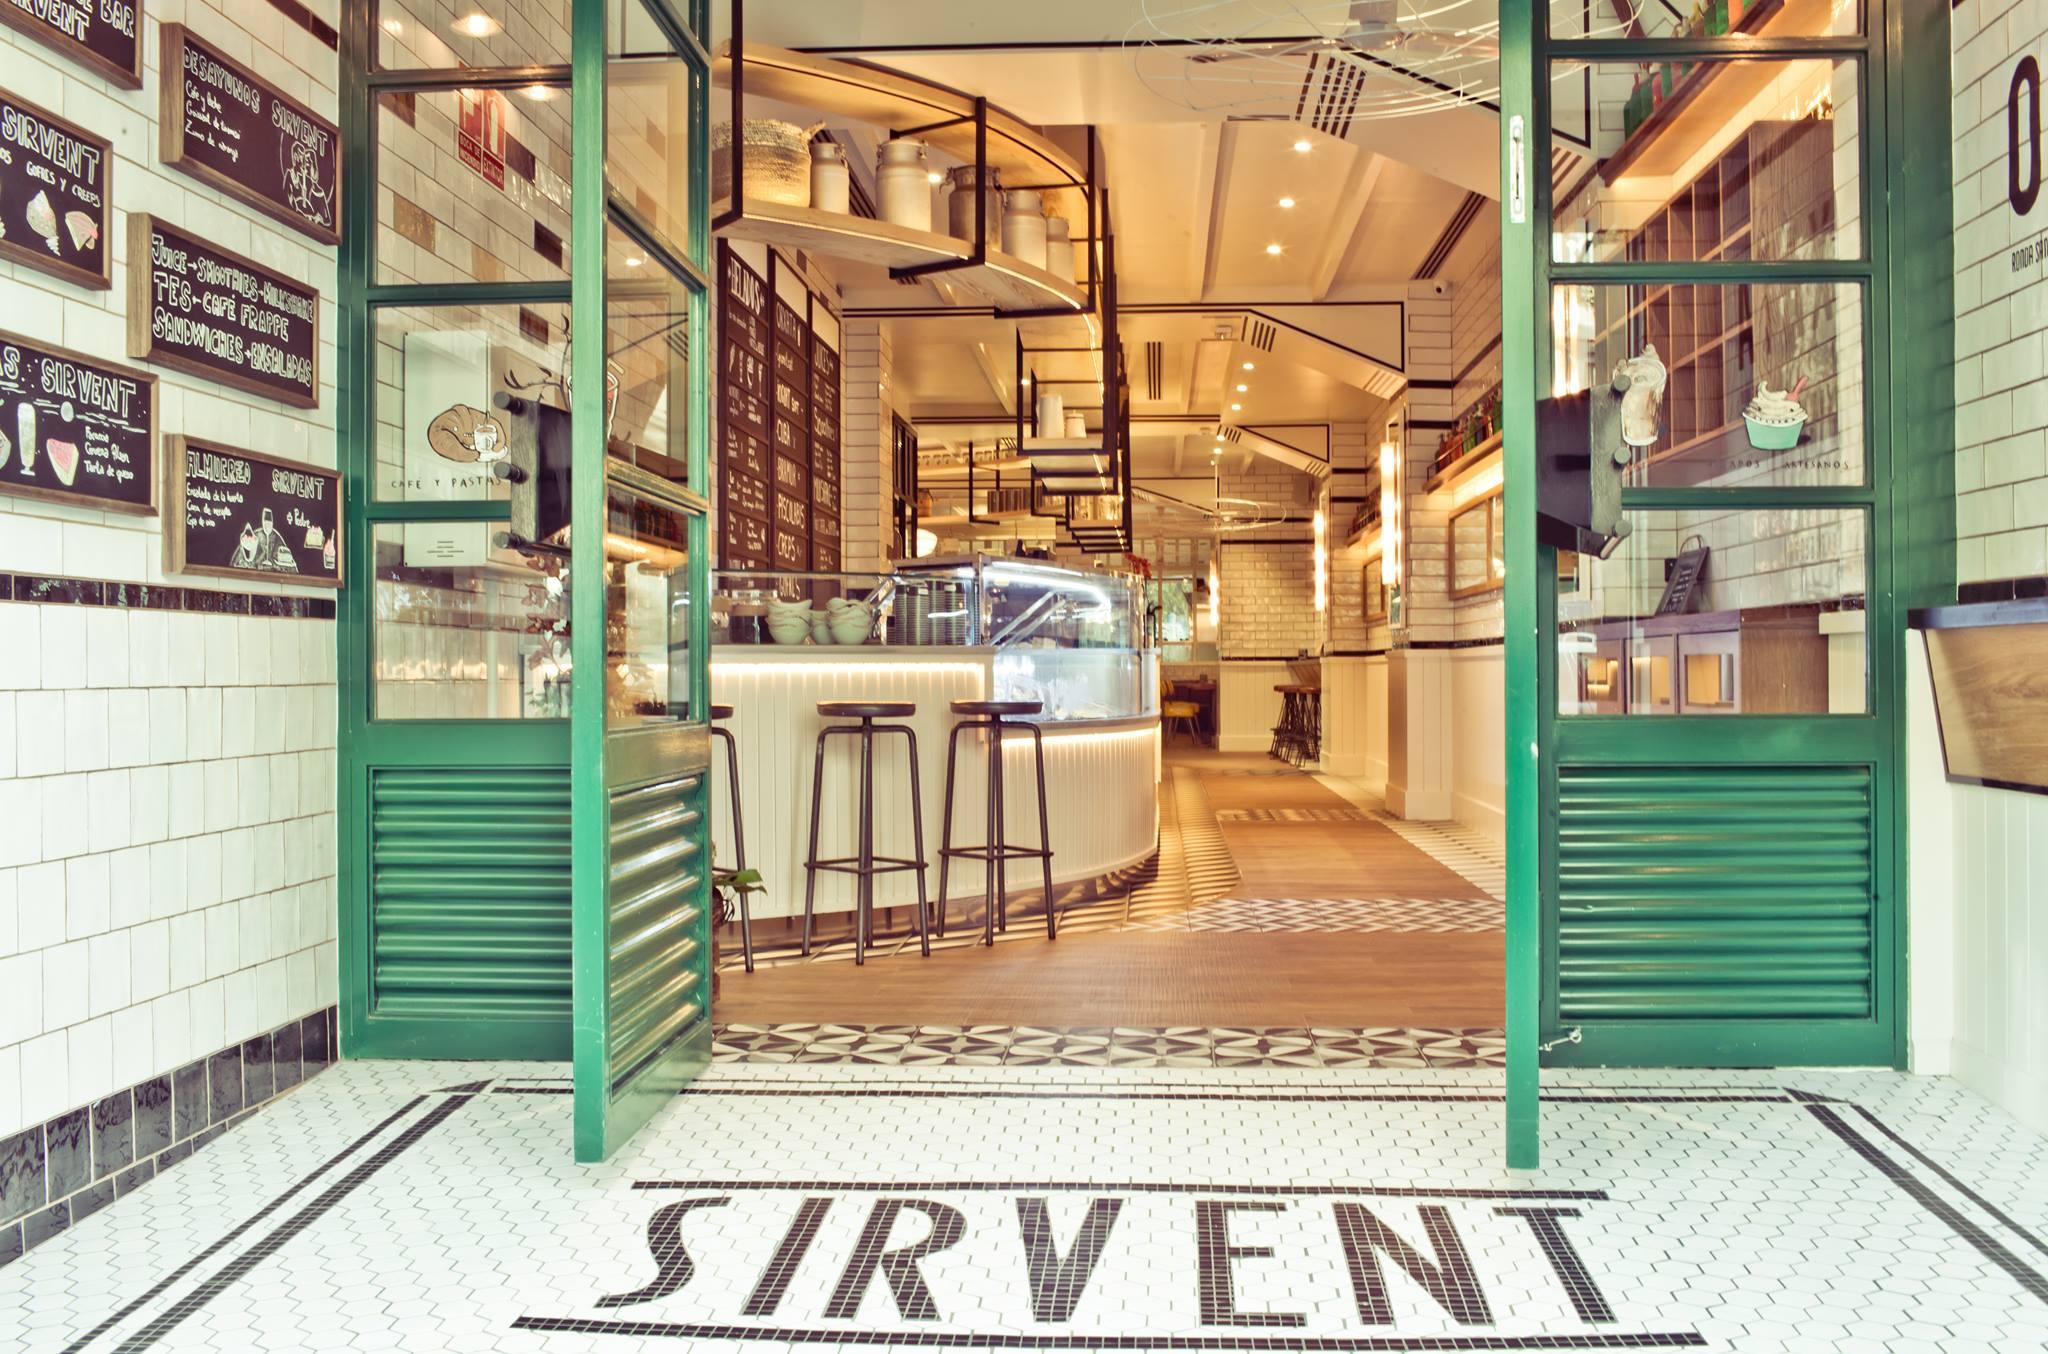 sirvent de Barcelona